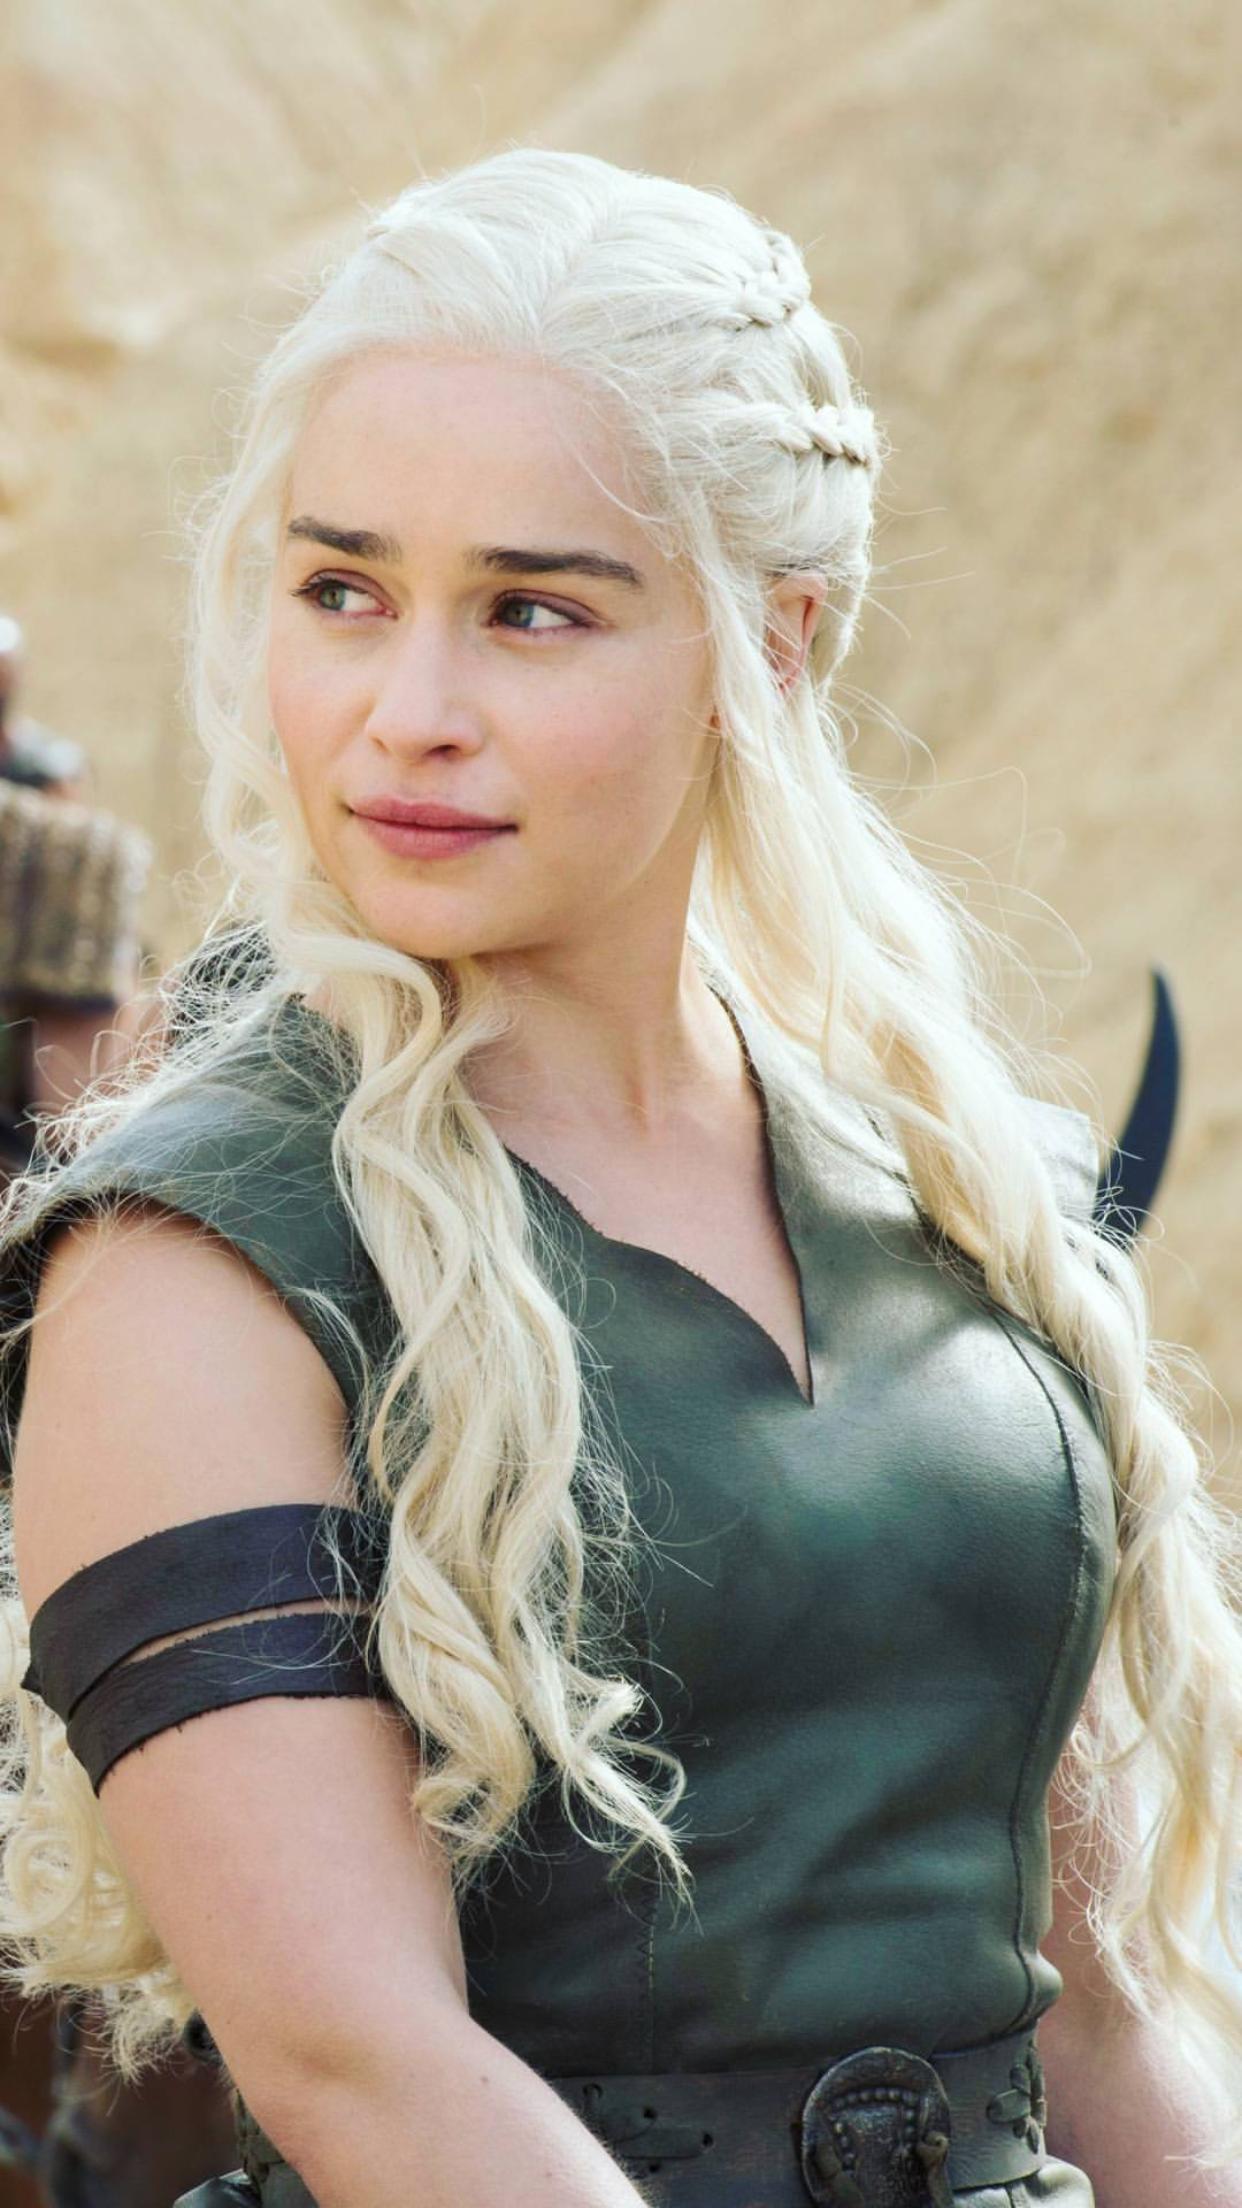 Daenerys Targaryen Wallpaper Widescreen Is 4k Wallpaper In 2019